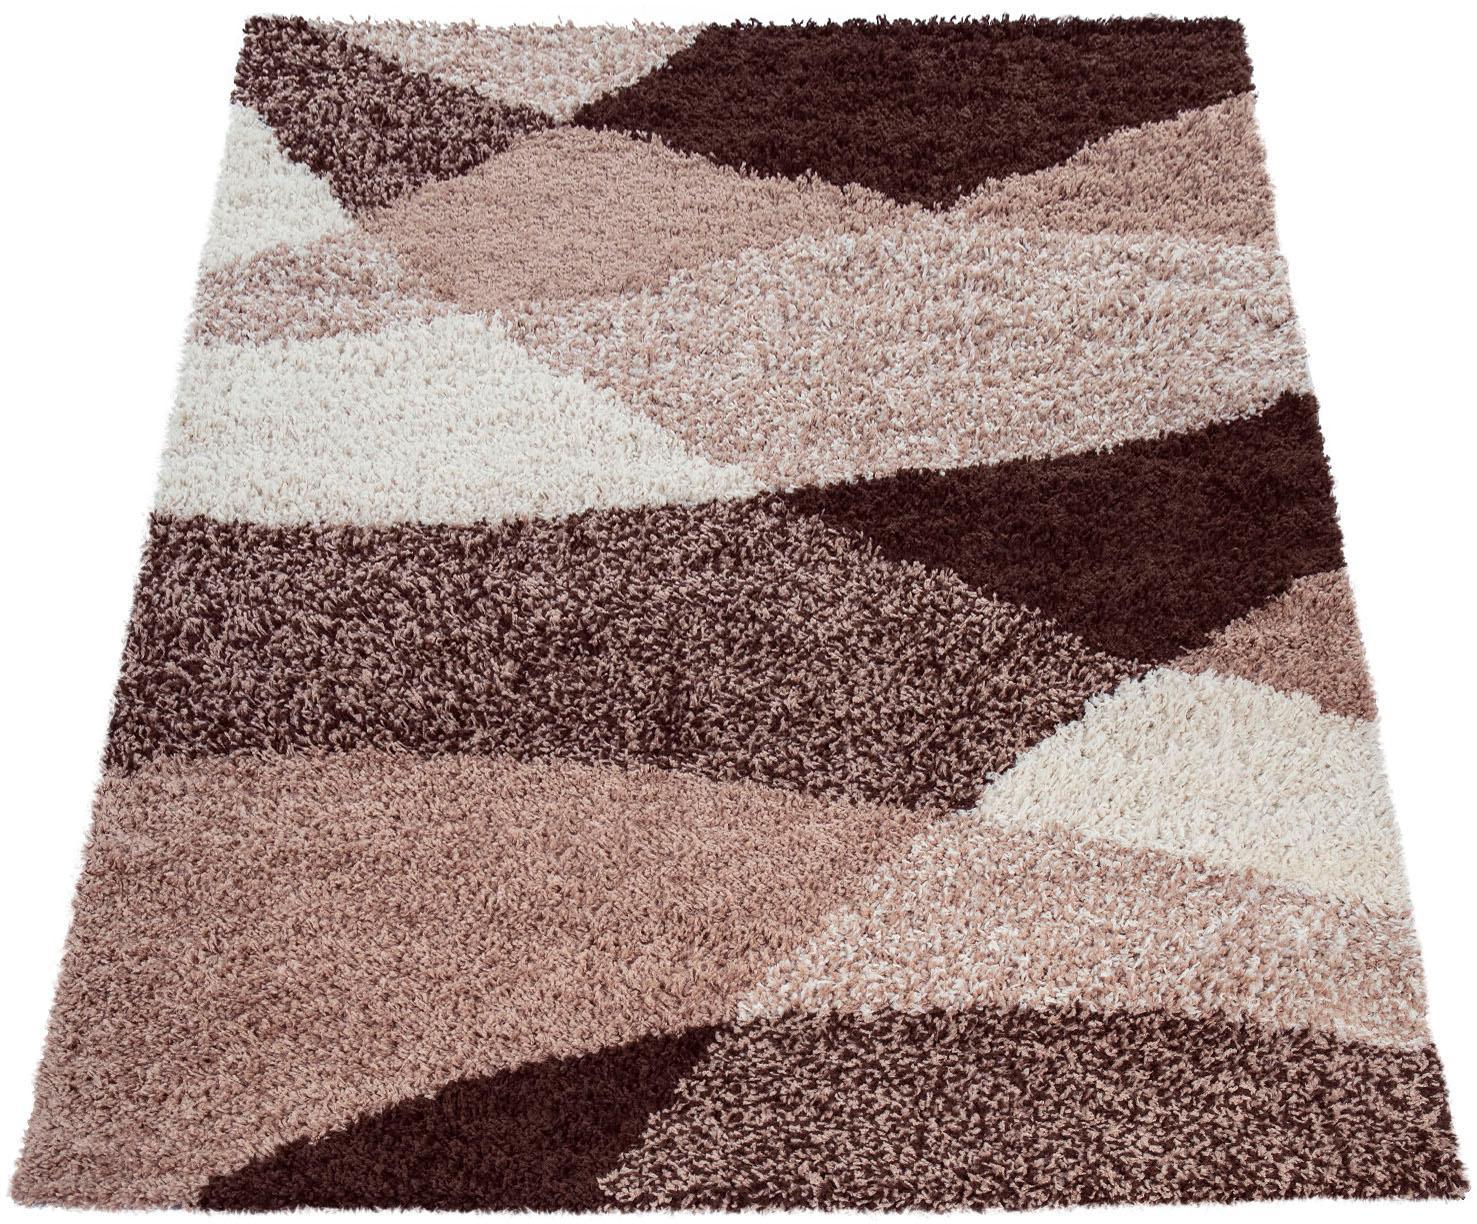 Teppich Mango 308 Paco Home rechteckig Höhe 35 mm maschinell gewebt